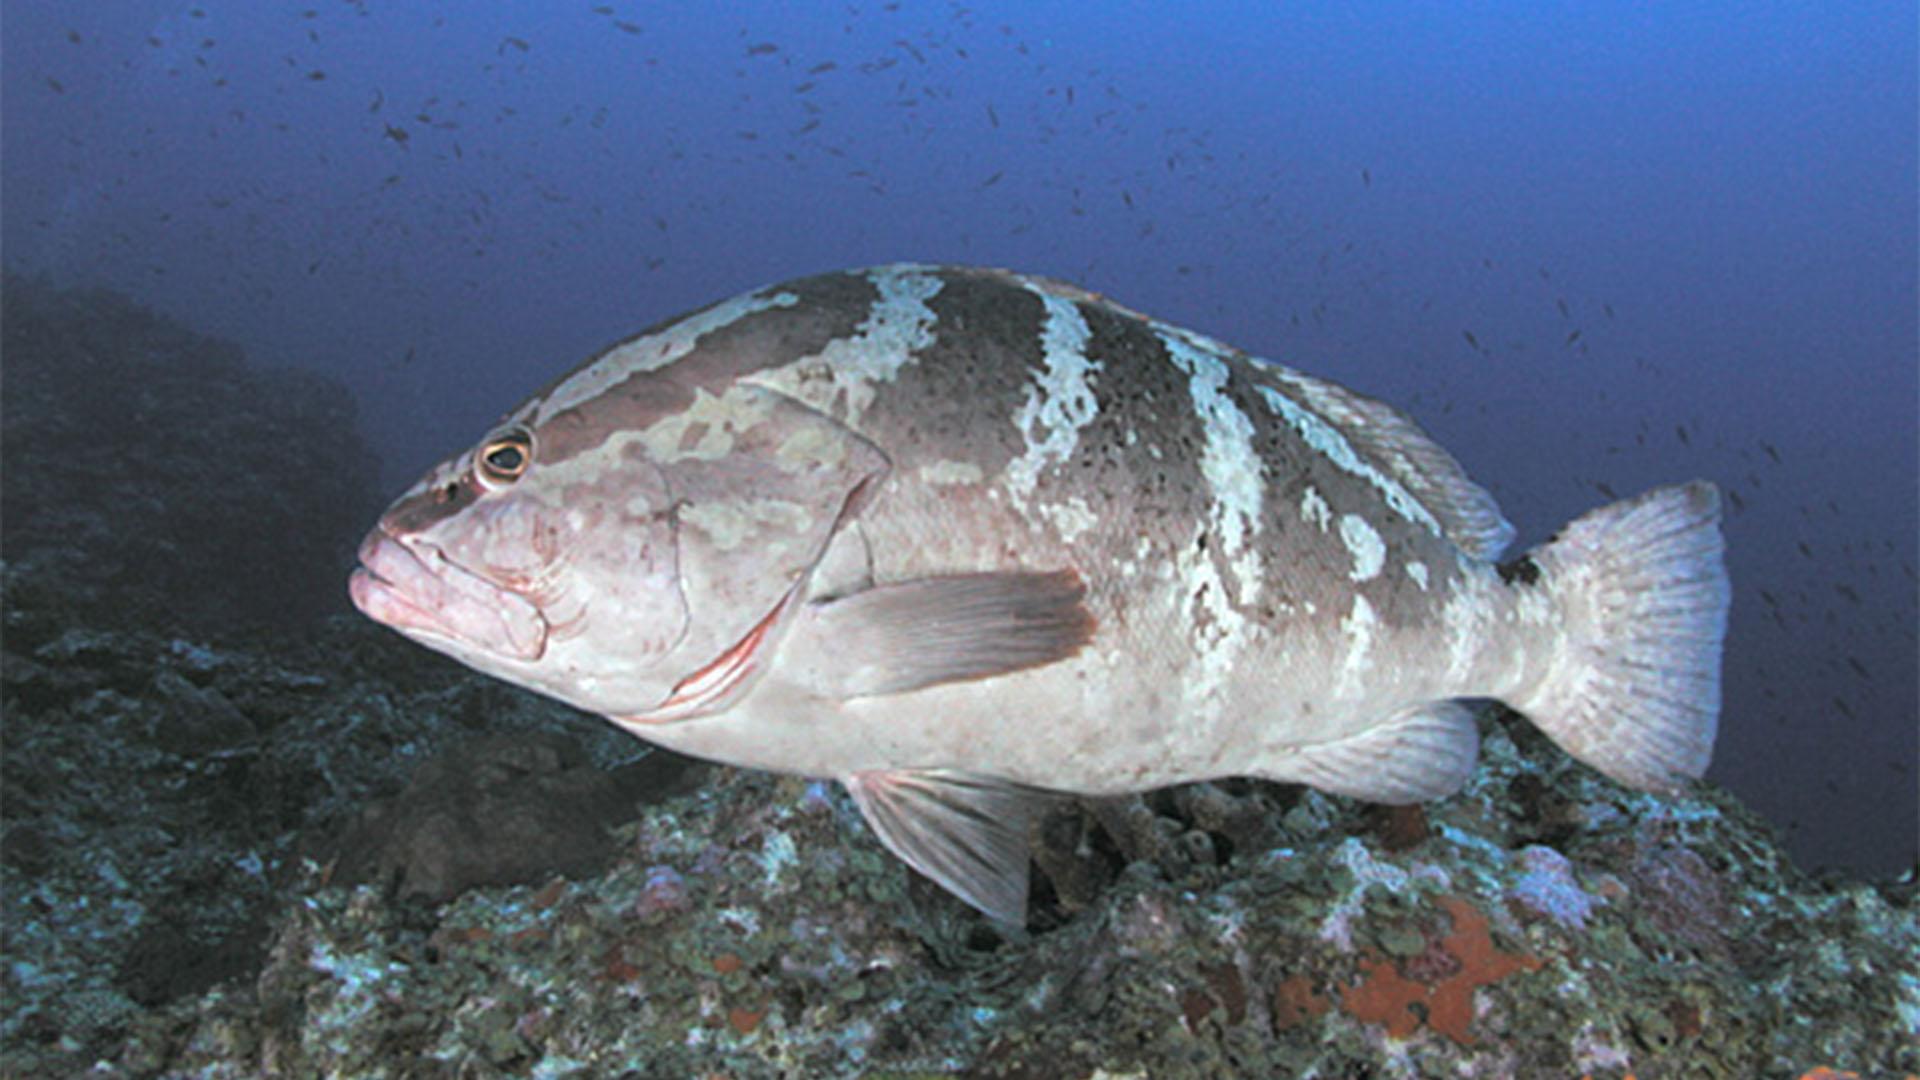 Fauna der Insel Fuerteventura –Meerestiere der Insel und des Kanaren Stromes: Zackenbarsche (Epinephelidae)